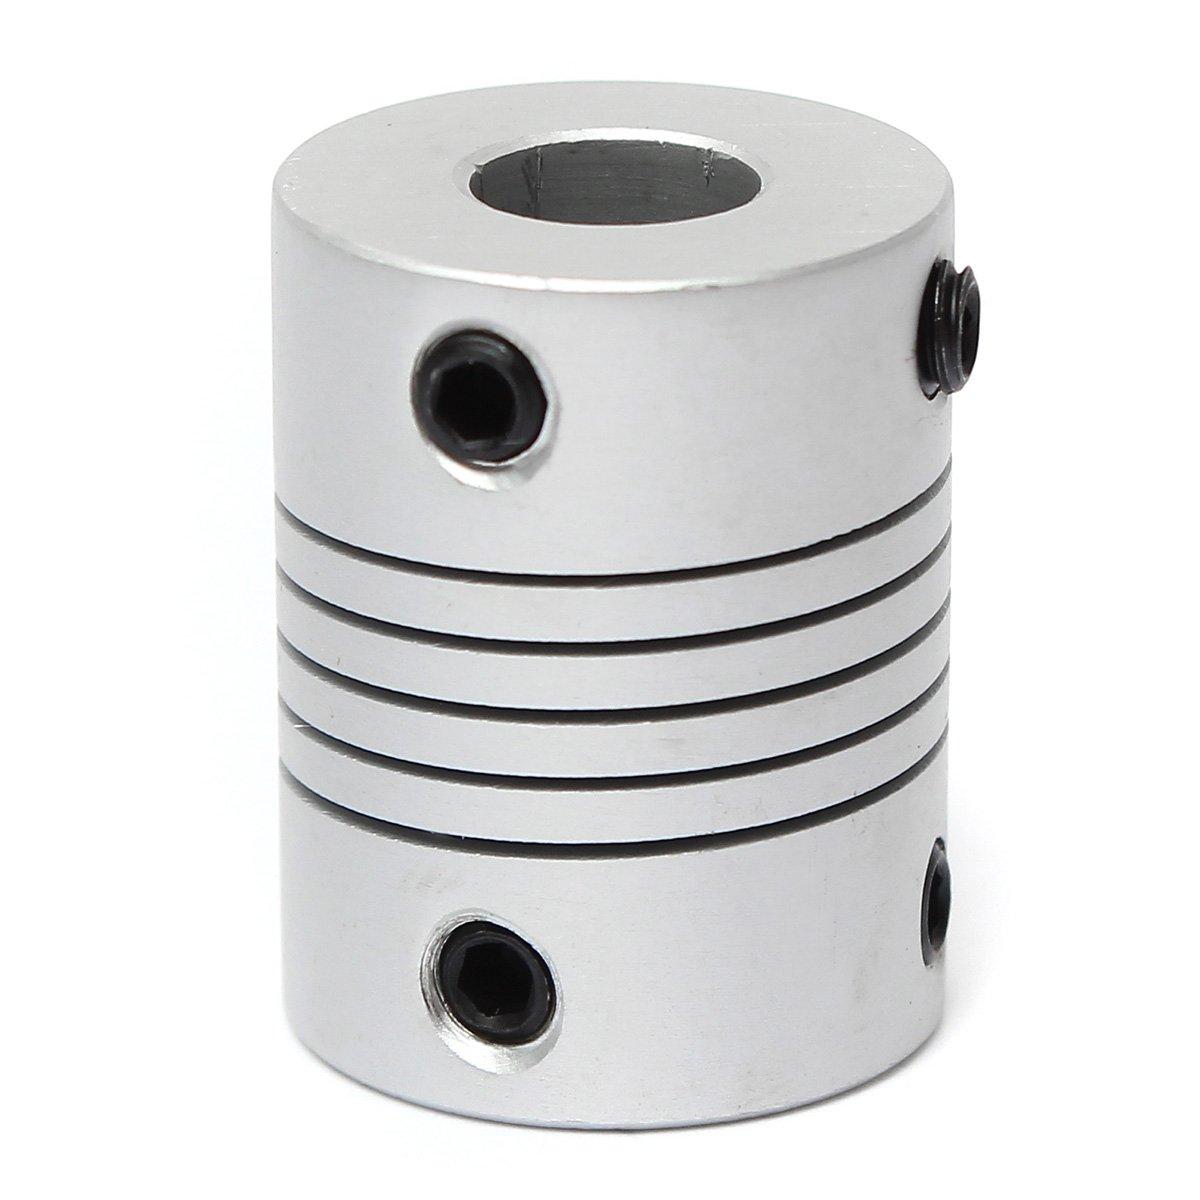 CHENXI-Shop-4-Stck-5-mm-x-10-mm-Aluminium-Flexibler-Schaft-Kupplung-od19-mm-X-L25-mm-CNC-Stepper-Motor-Kopplungskabel